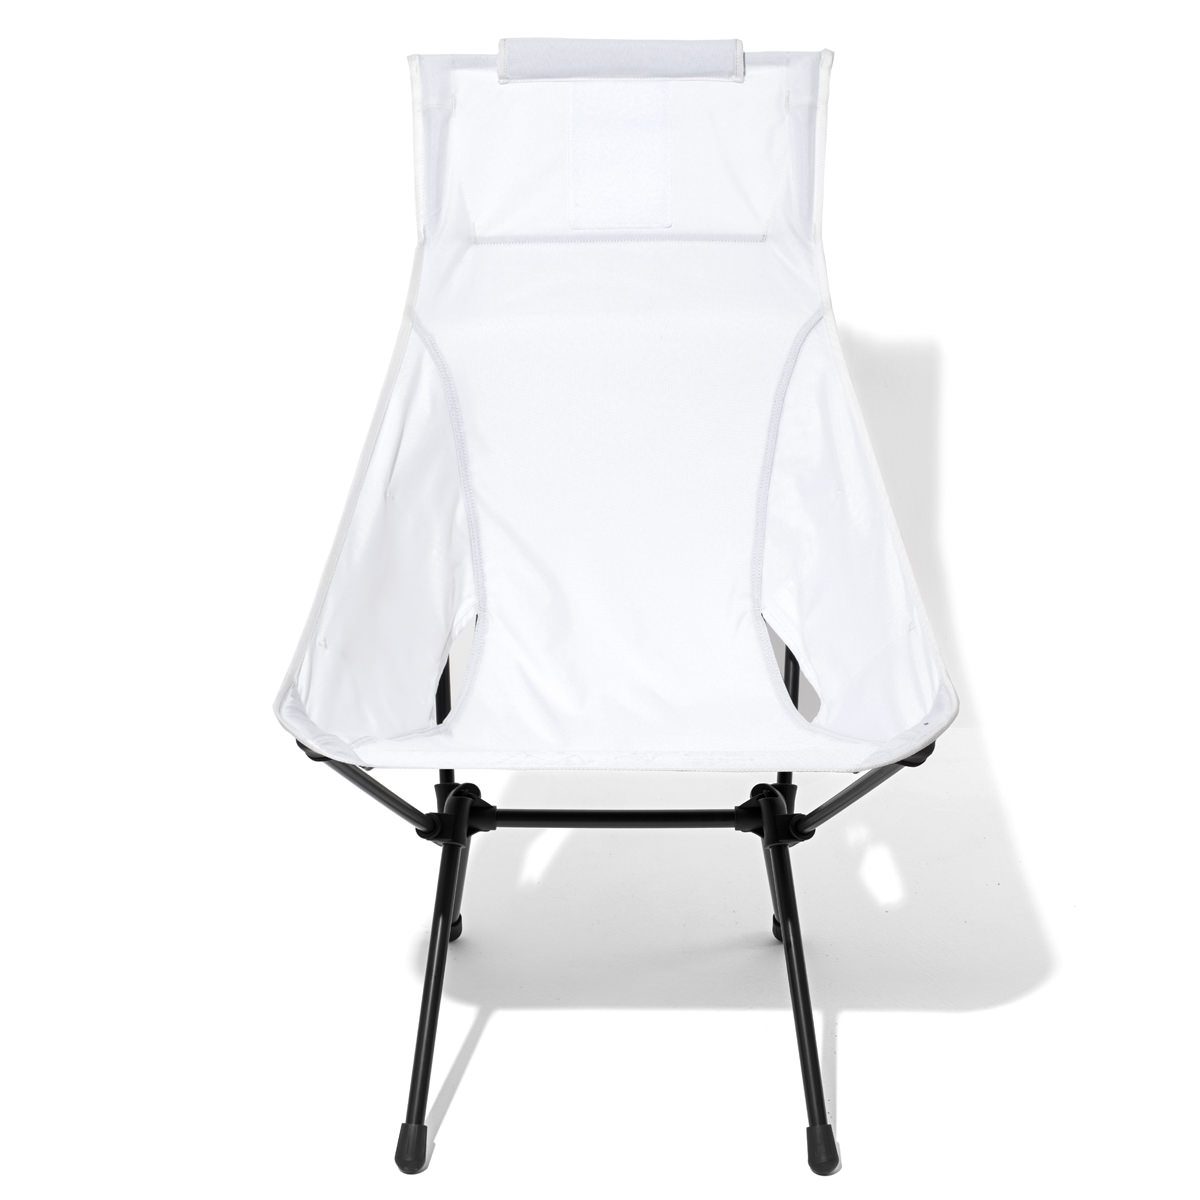 Helinox/ヘリノックス LIGHT SEASONING Tactical Sunset Chair/ライトシーズニング タクティカル サンセットチェア ホワイト